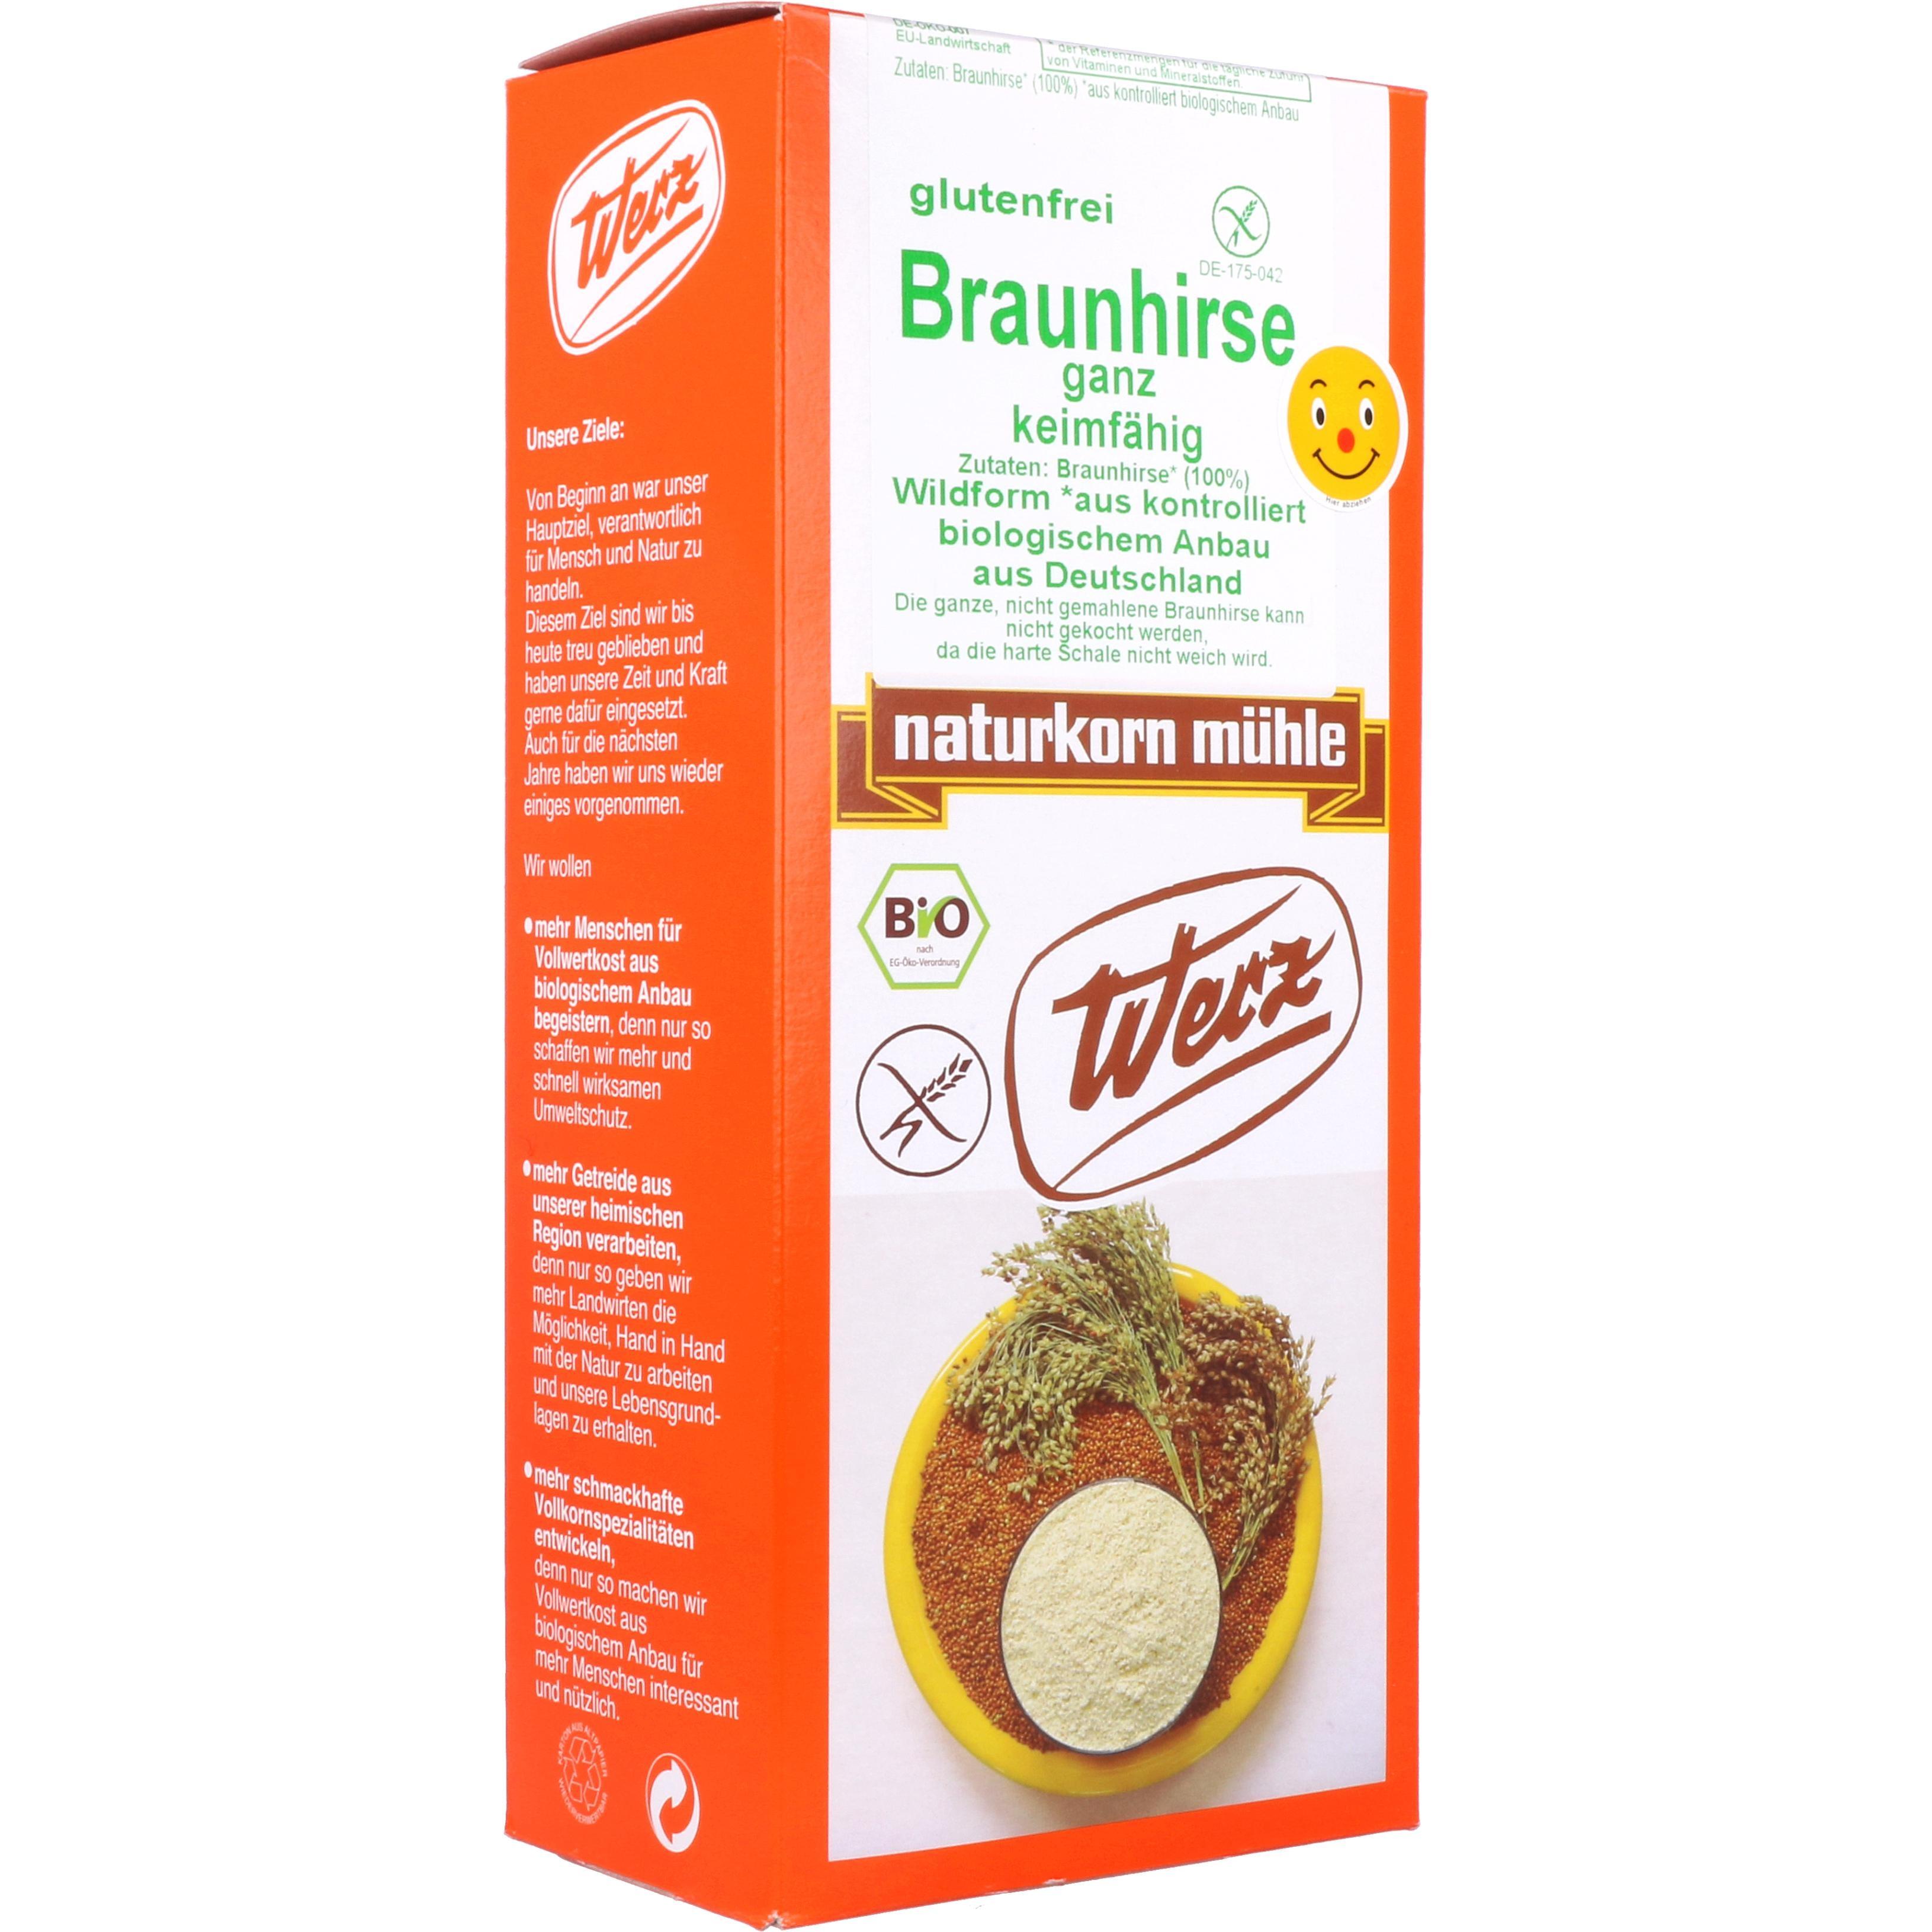 Werz Bio Braunhirse ganz keimfähig 1kg